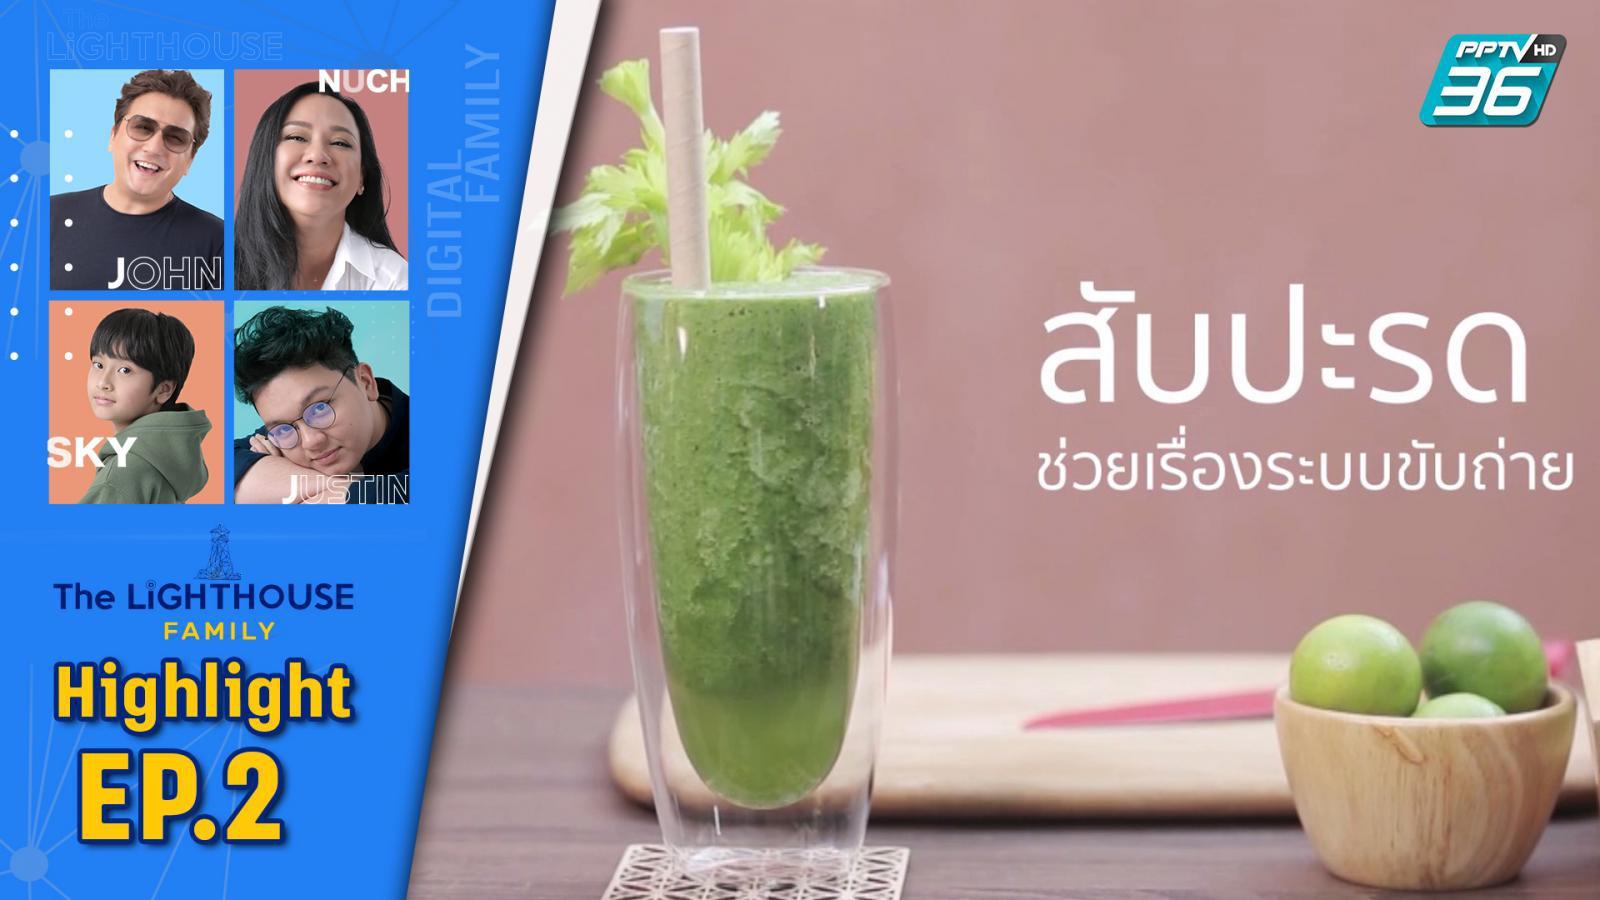 สูตรน้ำผักเพื่อสุขภาพ | The Lighthouse Family EP.2 | PPTV HD 36